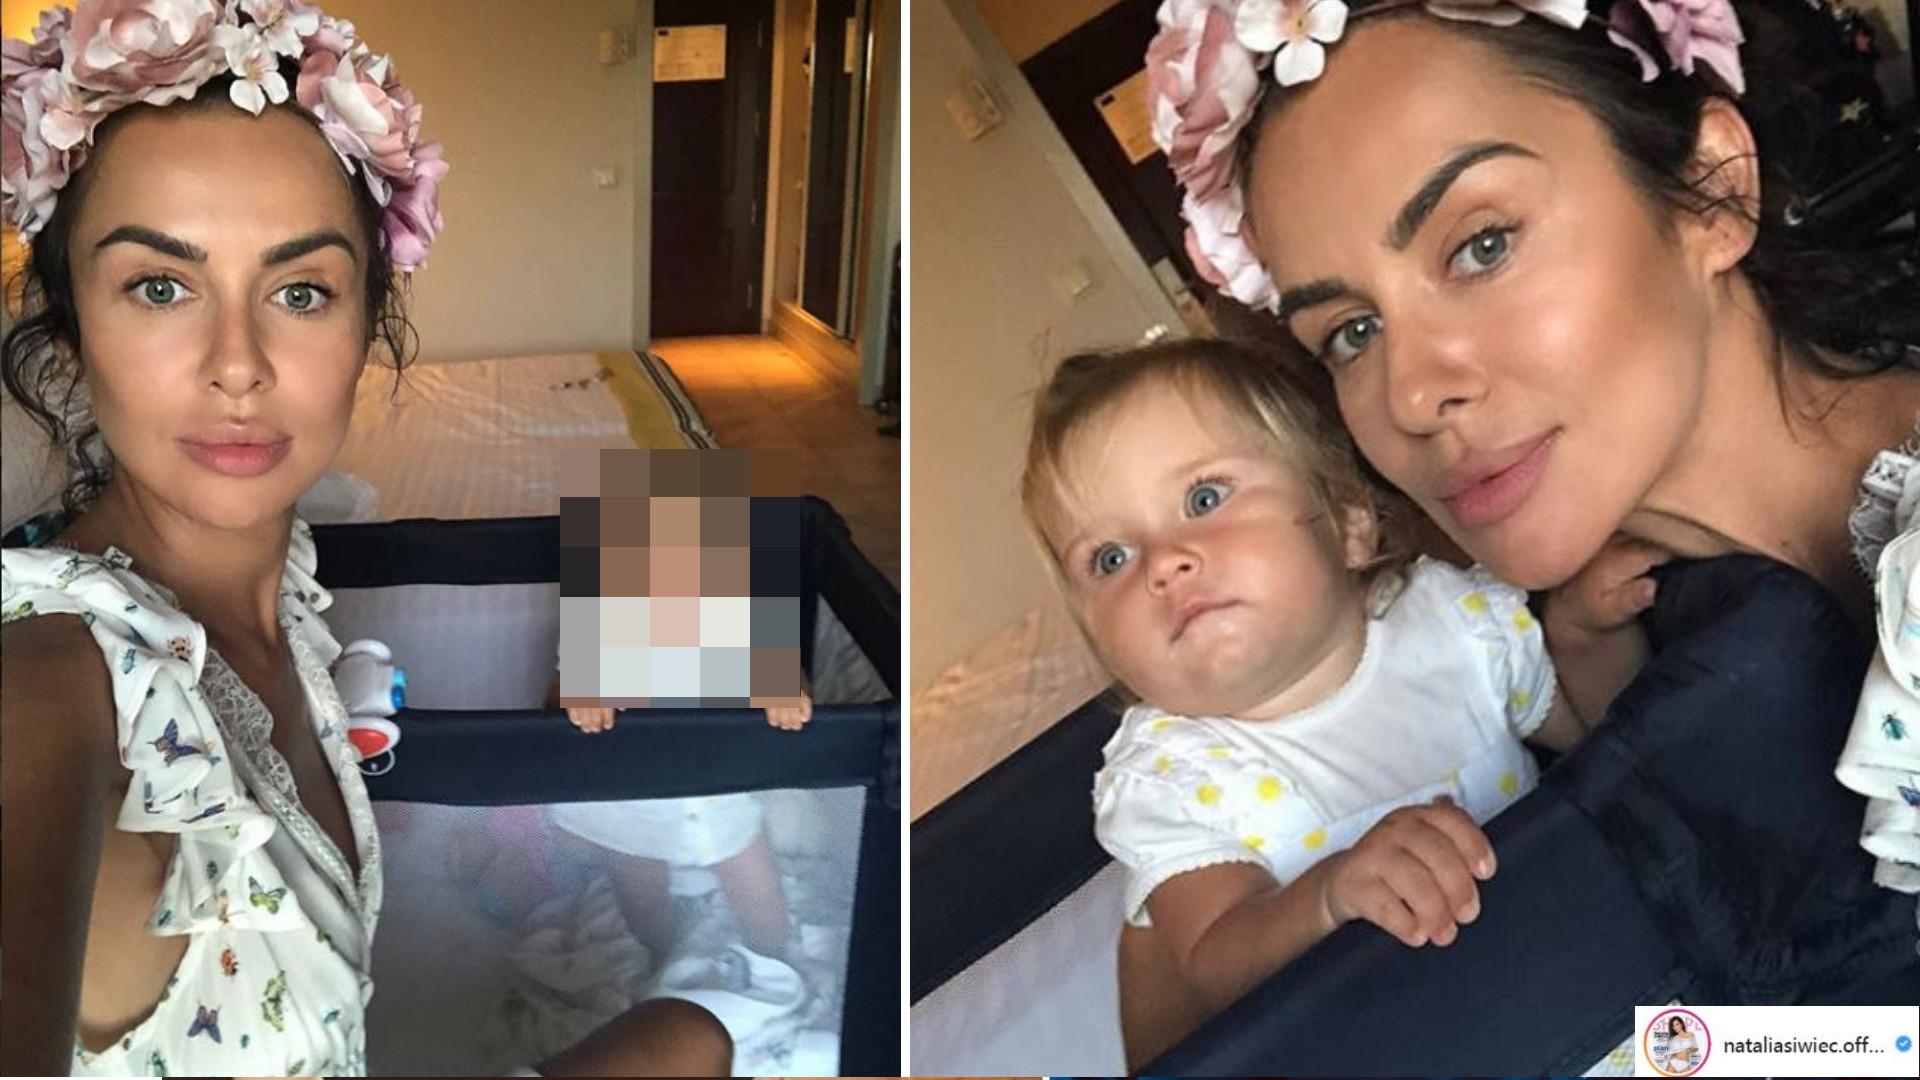 Rozczulająca mina córeczki Natalii Siwiec na zdjęciu podbija Internet!